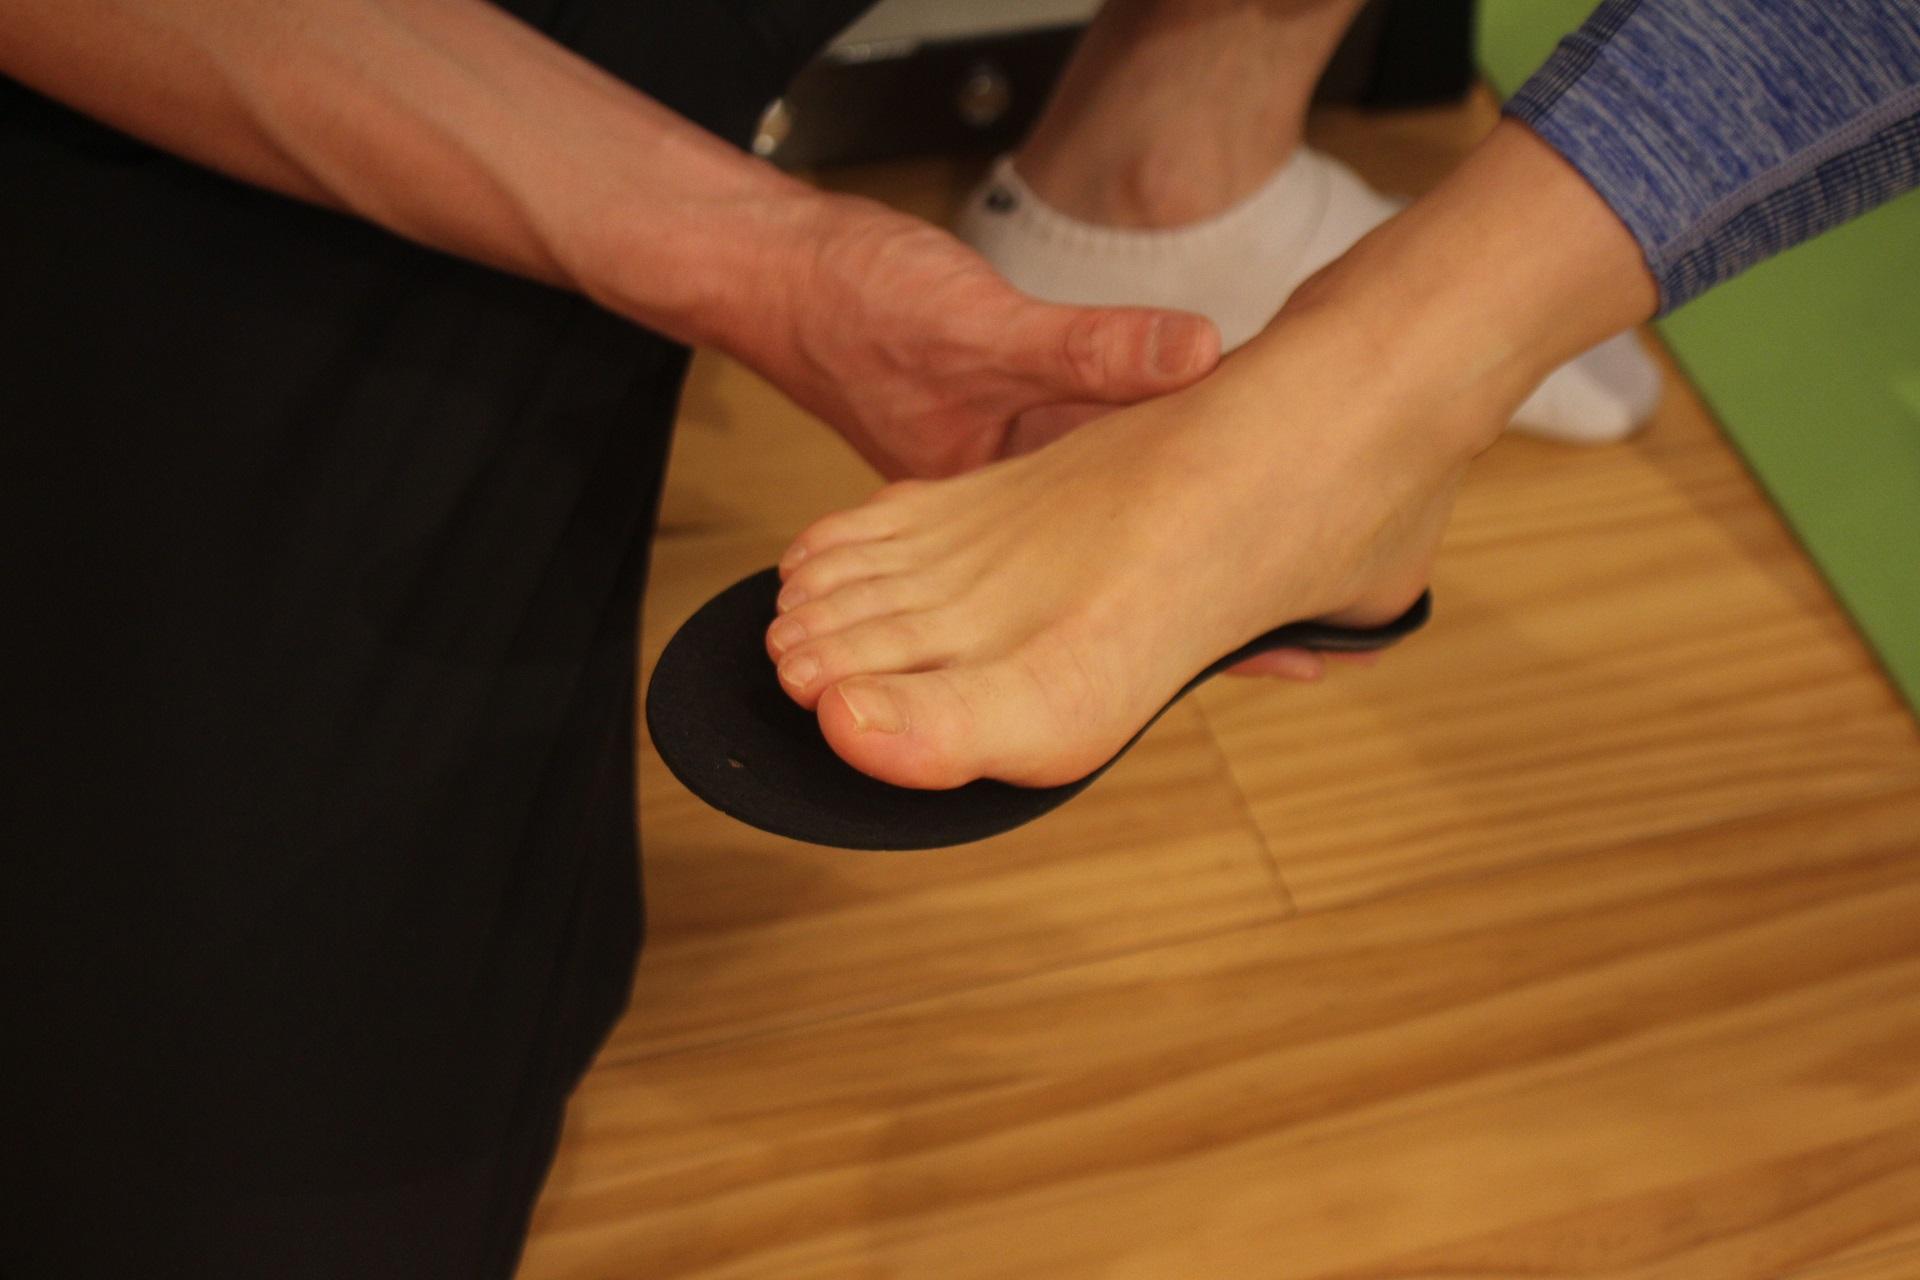 インソール作成、足を検査中写真